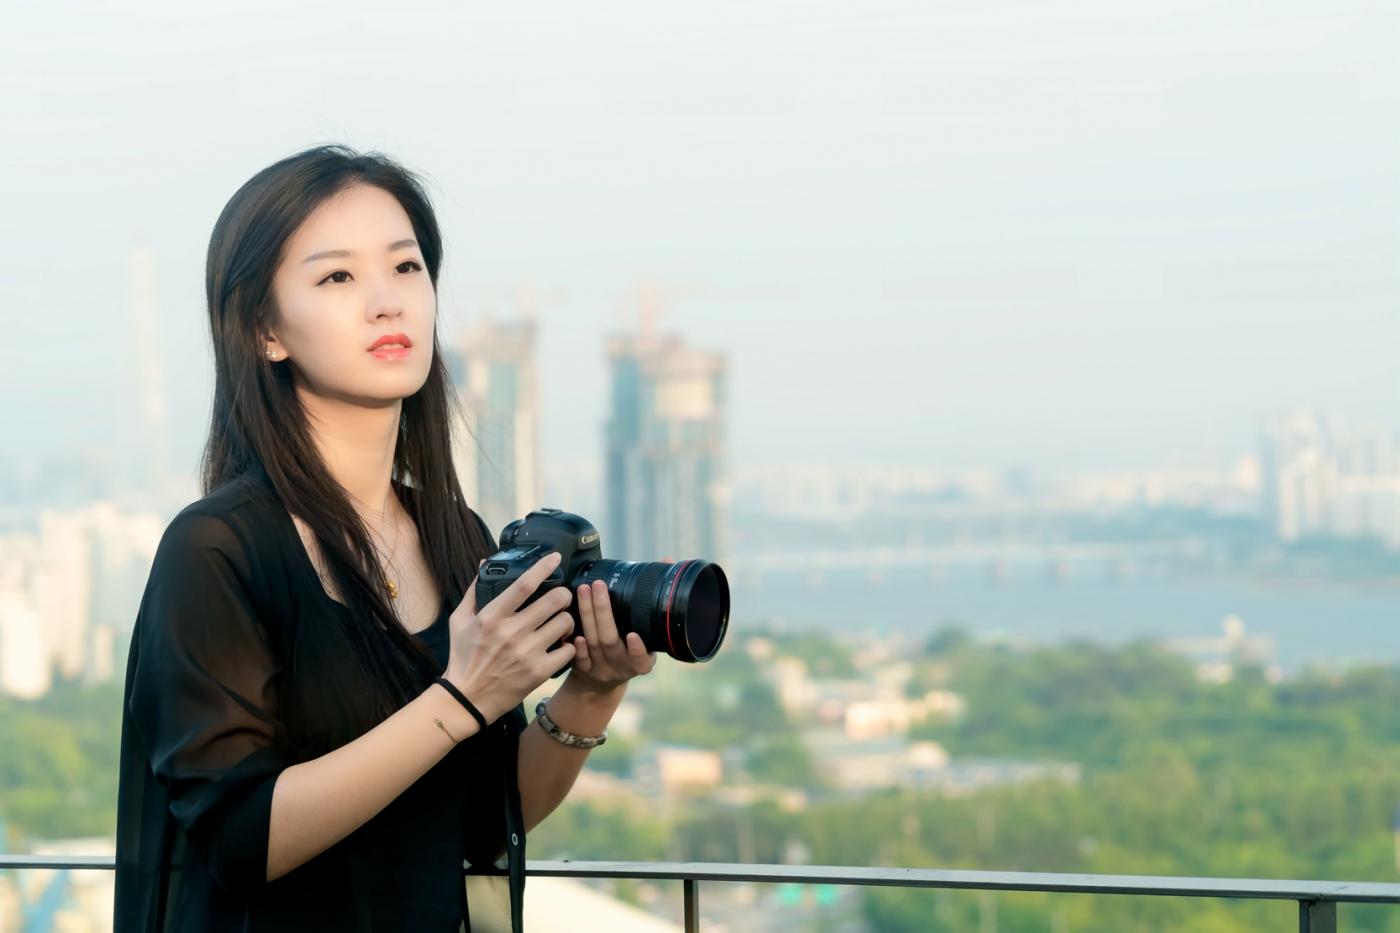 我所见过的最漂亮的女摄影师 姑娘的摄影是舞蹈老师教的吧_图1-15